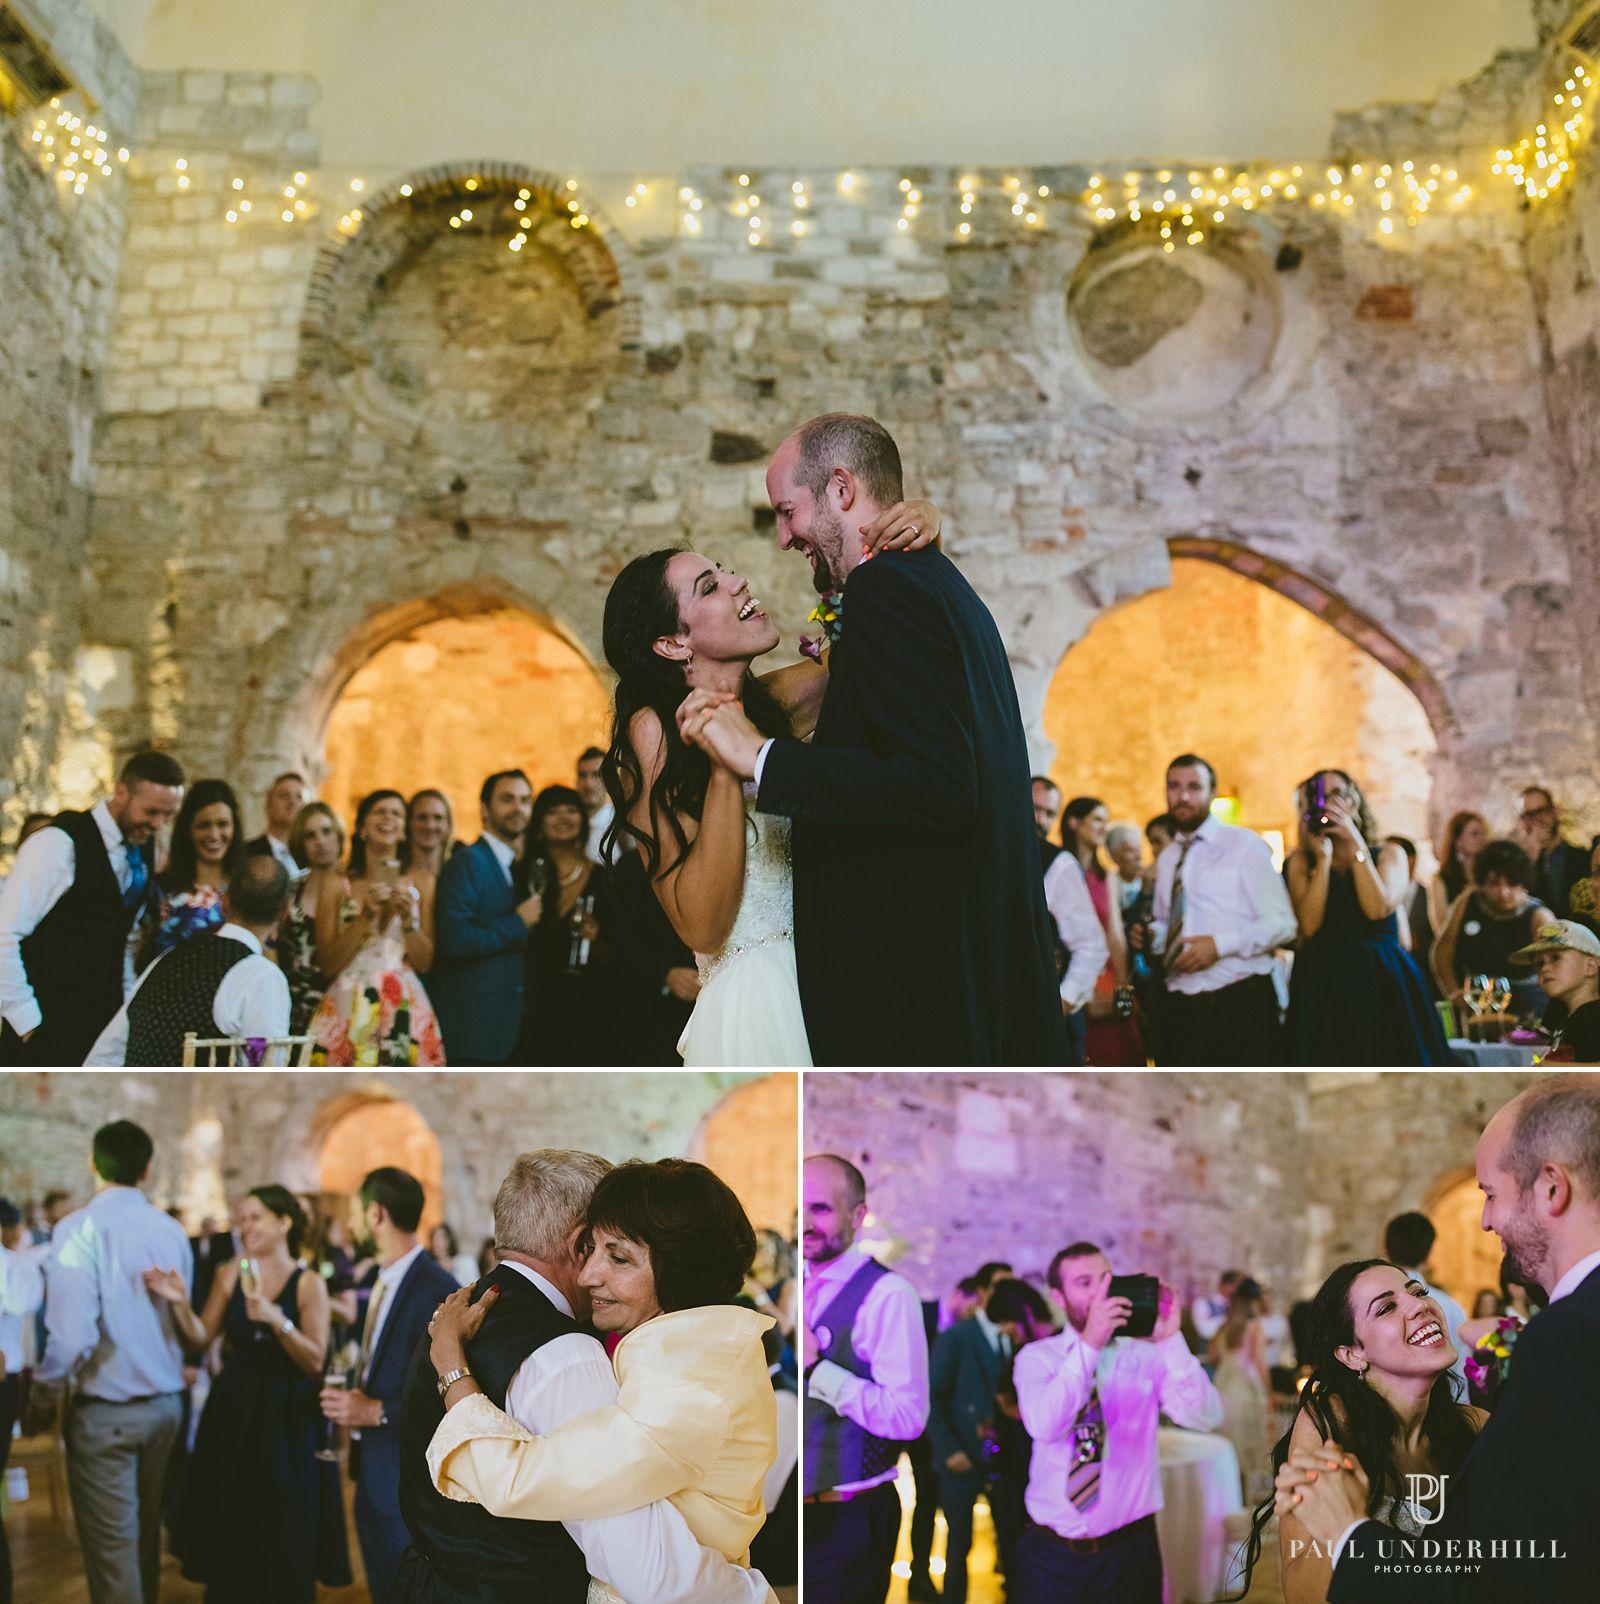 dancing-wedding-reception-lulworth